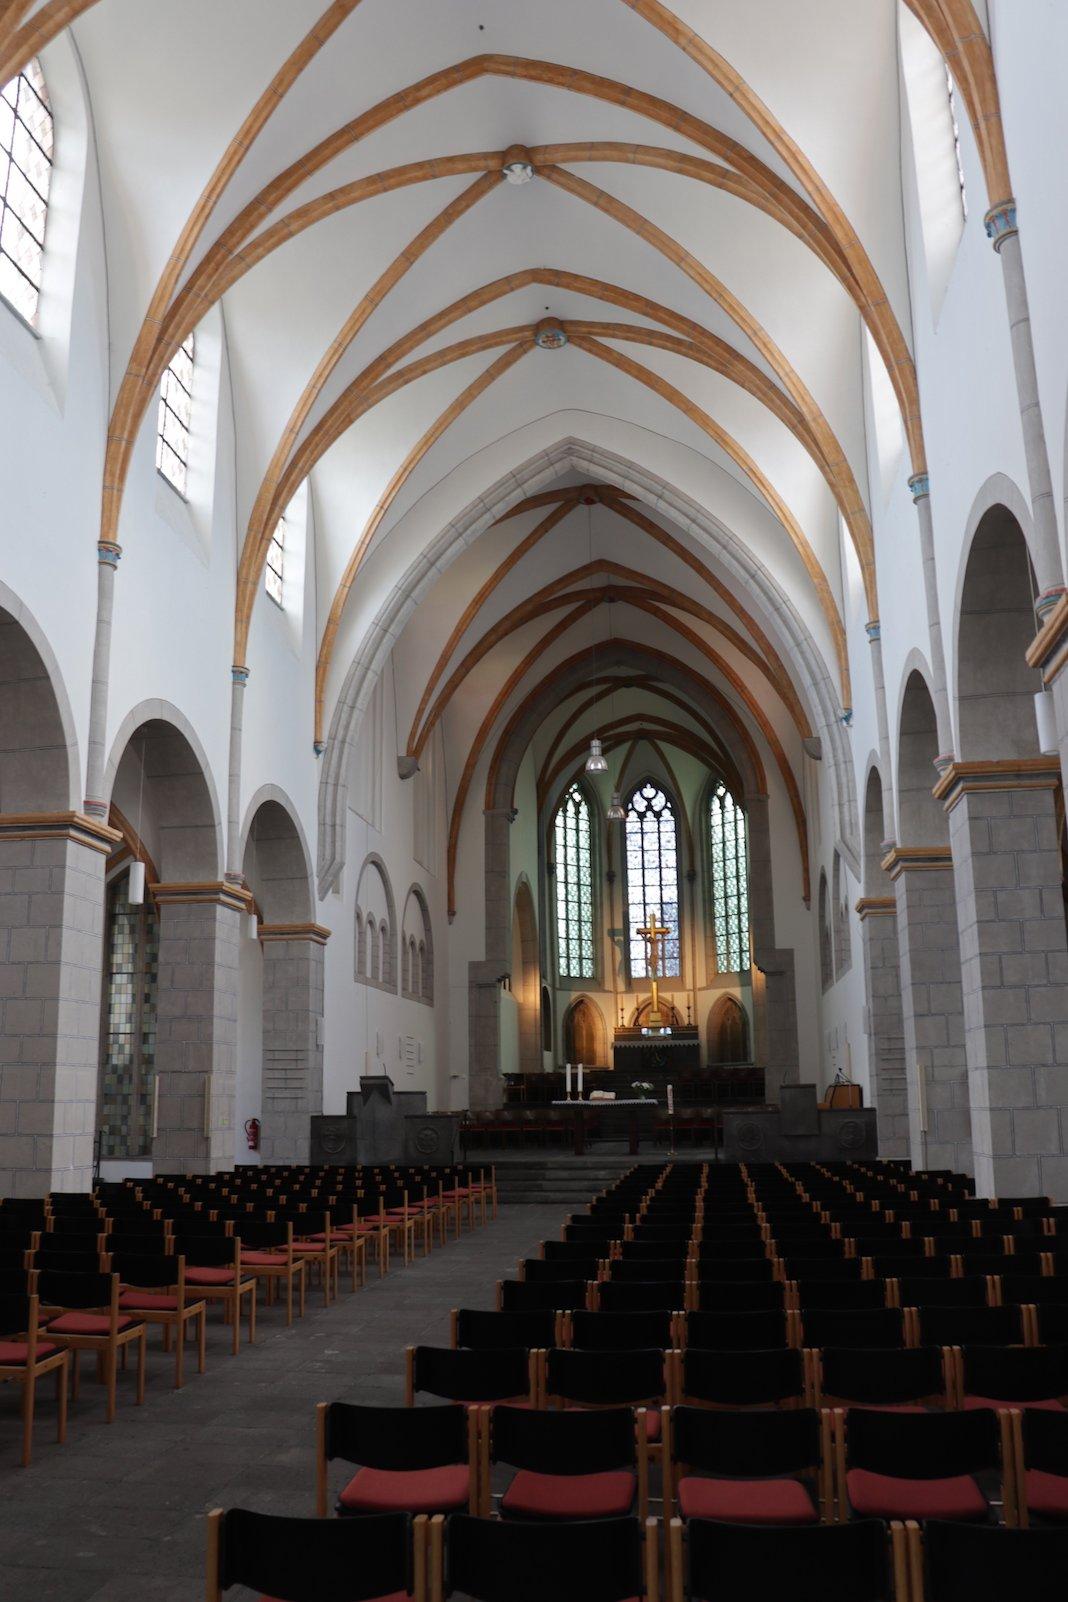 Ein Blick ins Innere der Florinskirche zeigt, dass sich das Ockergelb von außen auch drinnen fortsetzt